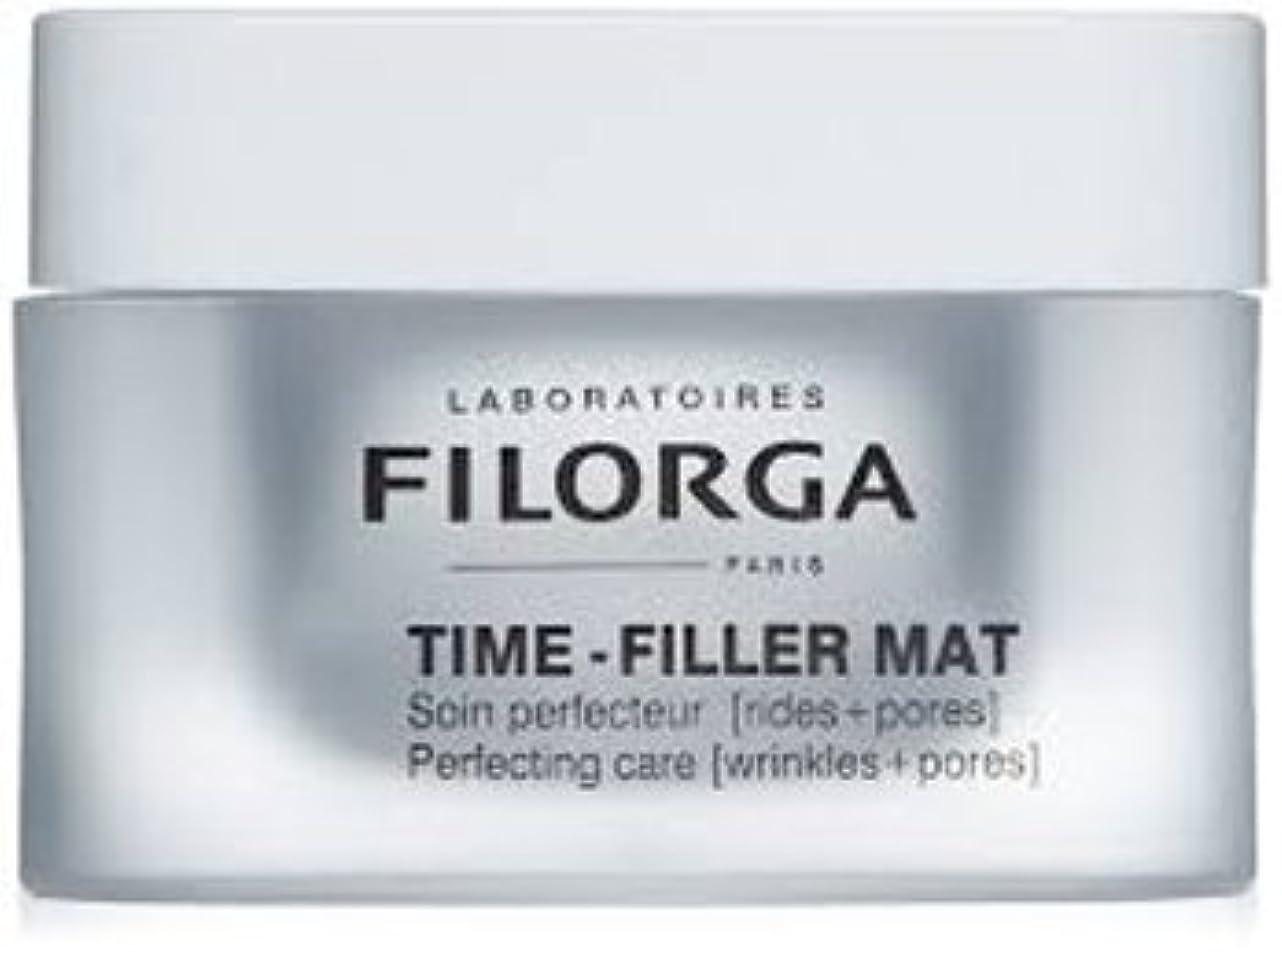 サイクロプスマニアック側面[フィロルガ] タイムフィラーMAT TIME FILLER MAT 50ml [海外直送品][フランス直送品] [並行輸入品]